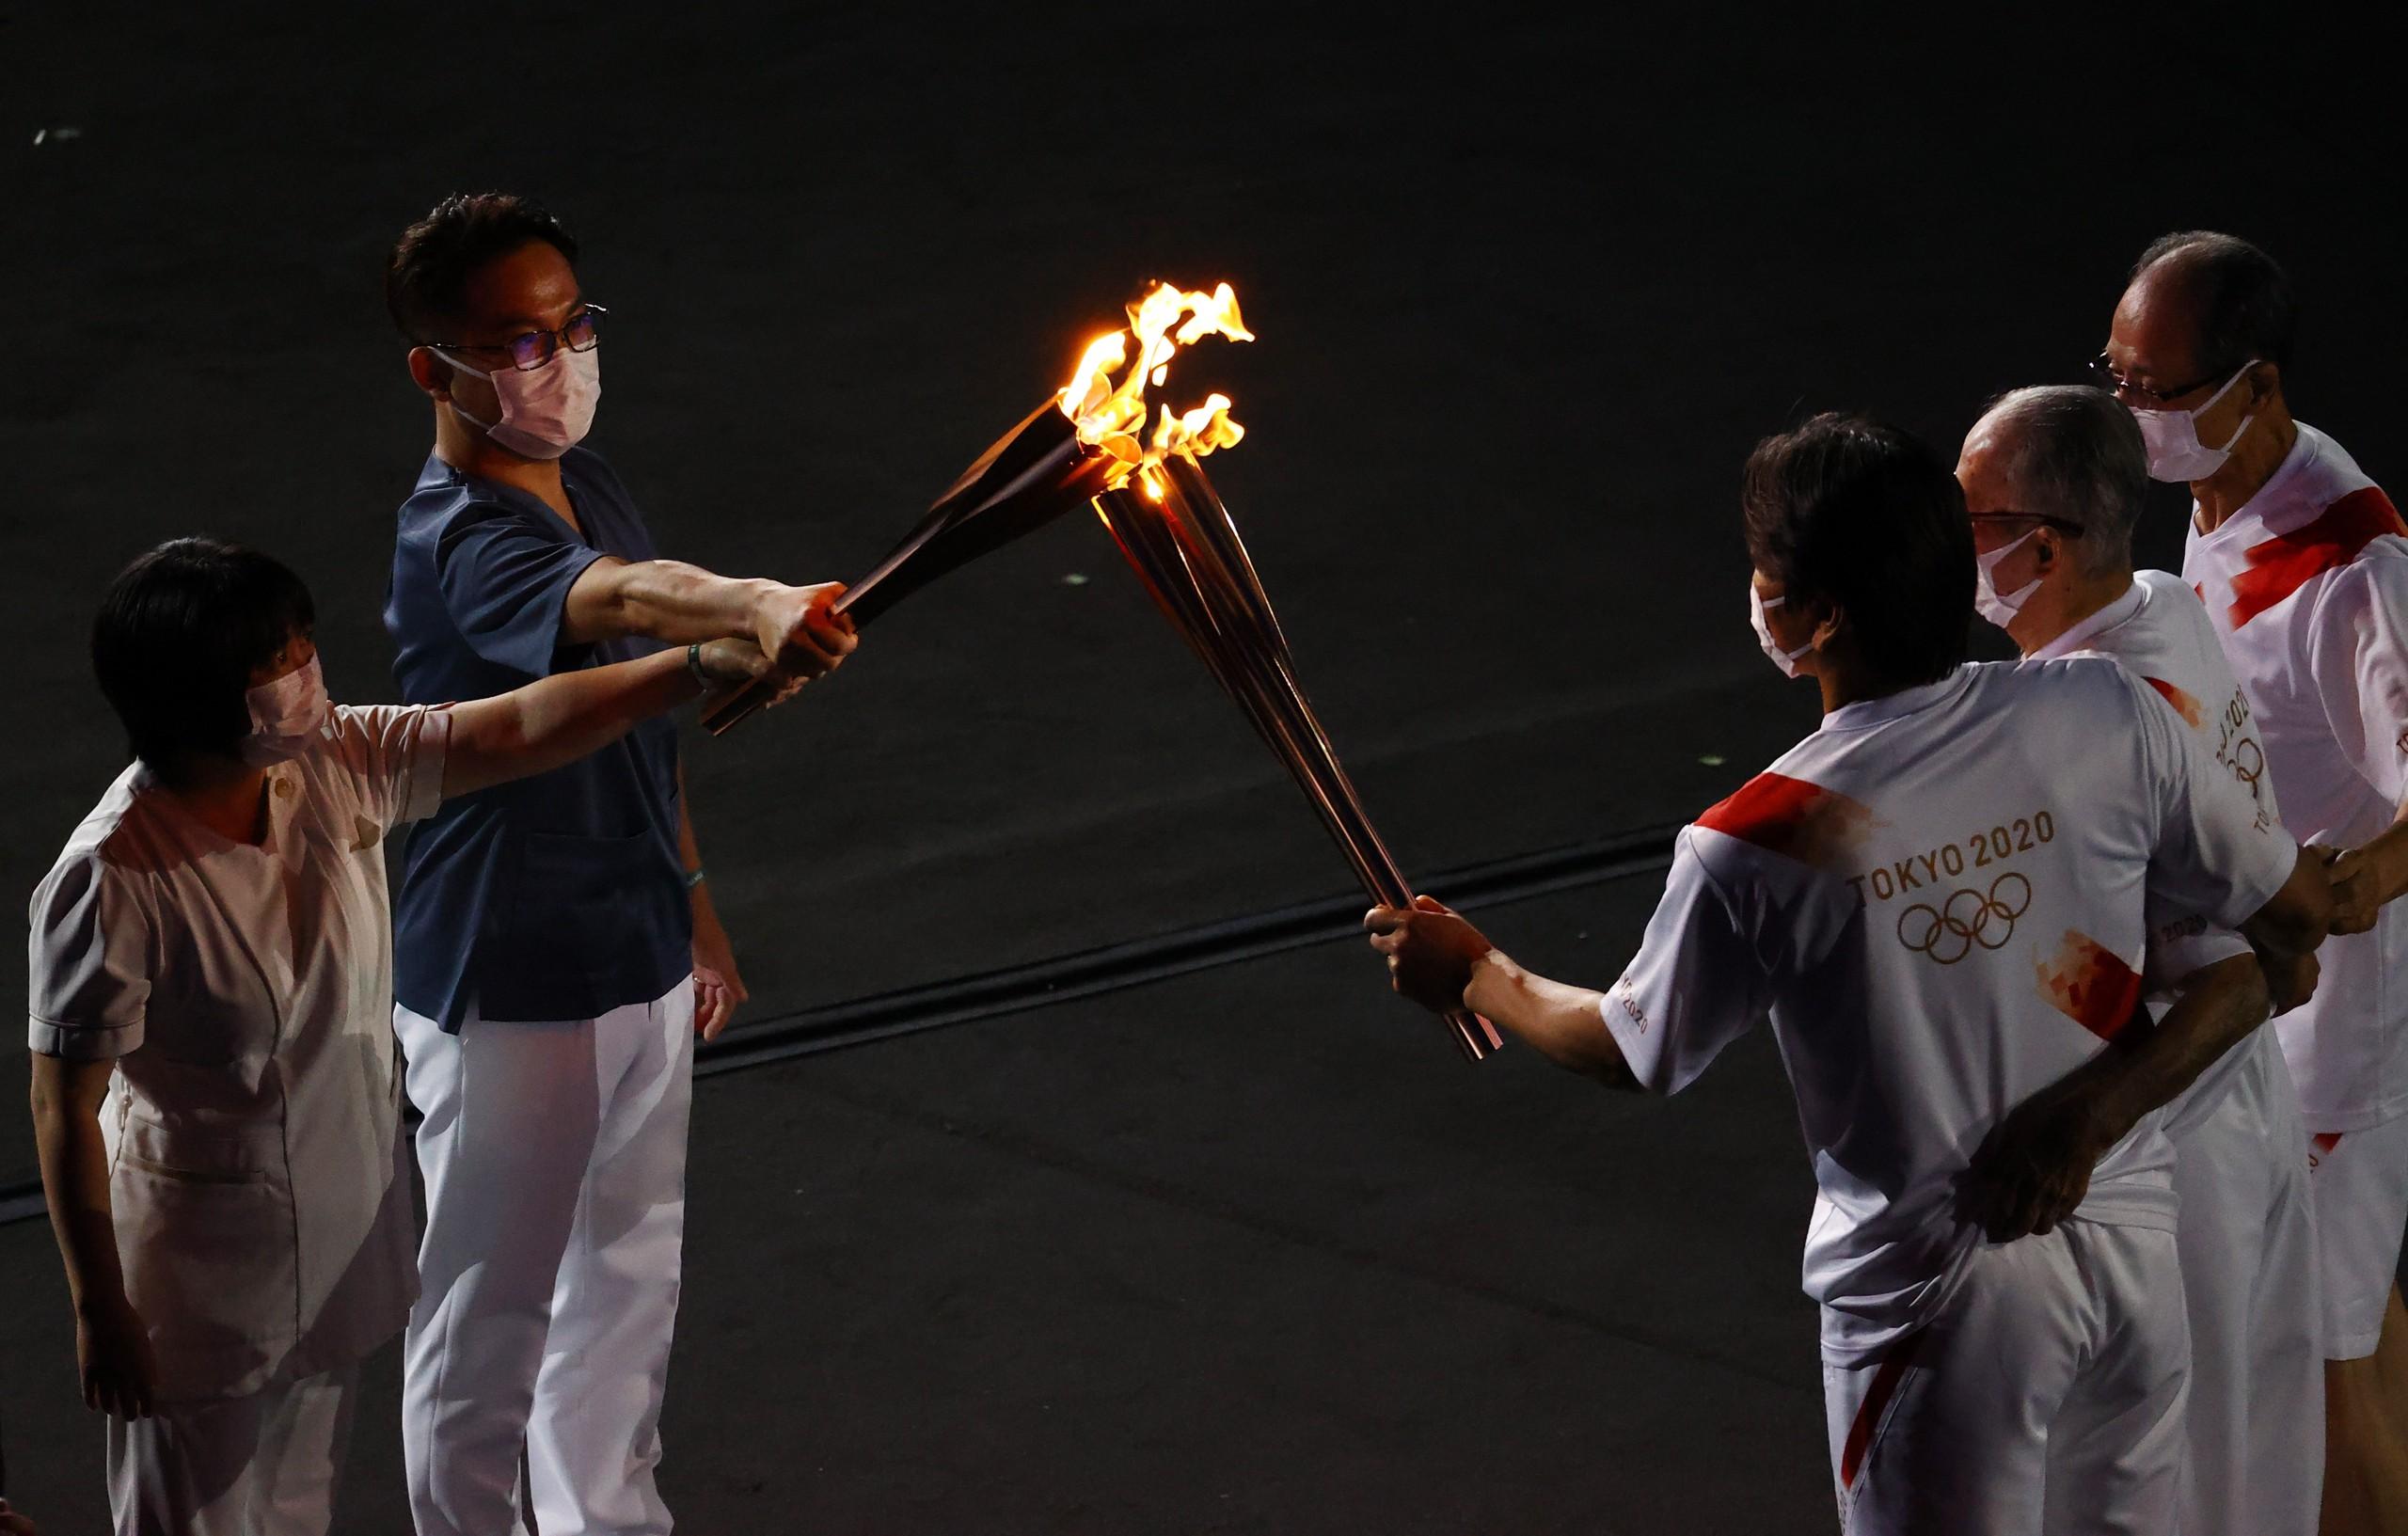 当地时间2021年7月23日,日本东京,2020东京奥运会开幕式。第二棒火炬手是三位著名棒;球运动员,一位是长岛茂雄,另外两位是王贞治和松井秀喜;第三棒火炬手是一位医生和一名护士。